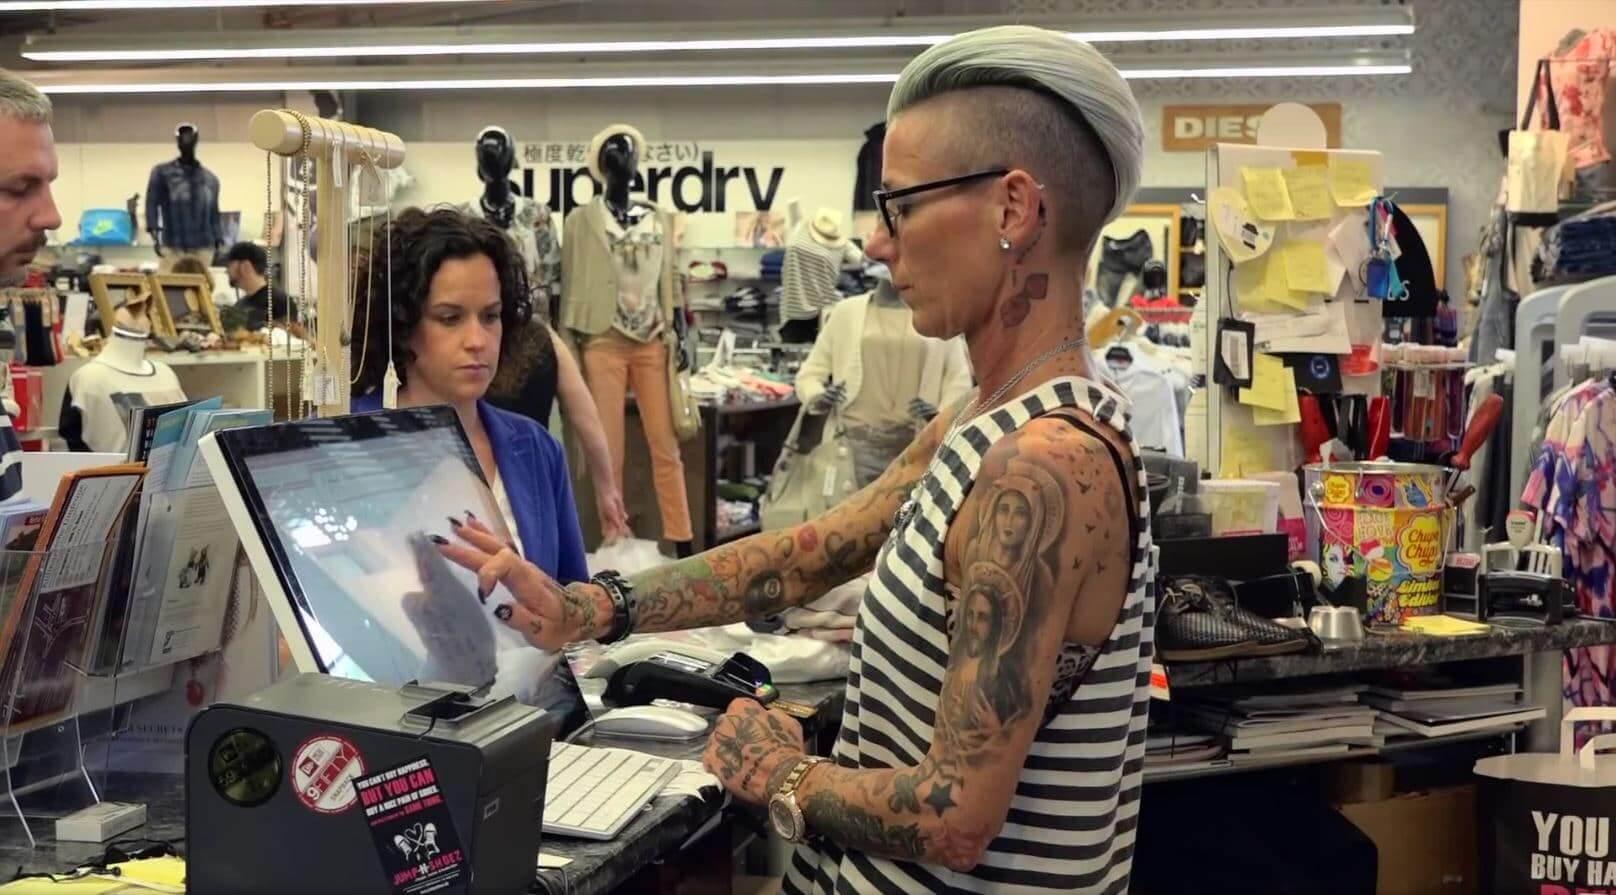 BüroWARE Kasse Referenzen - Modehandel Lifestyle Kleidung - eine Kassiererin schließt dem Kauf am Kassensystem eines Modegeschäfts ab